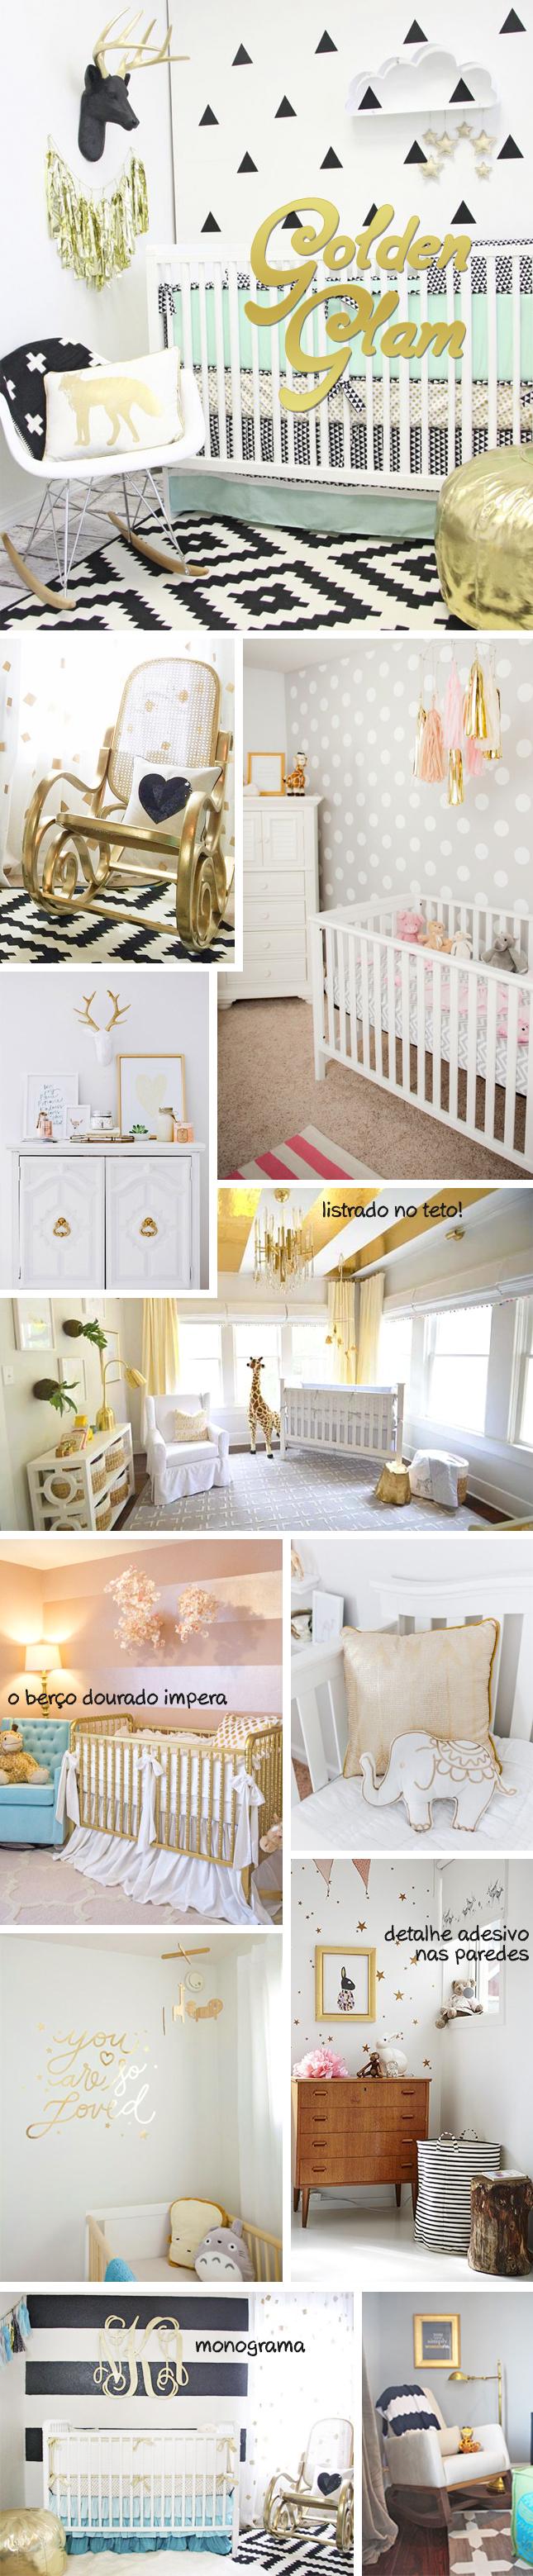 decoradornet-poder-dourado-bebe-02